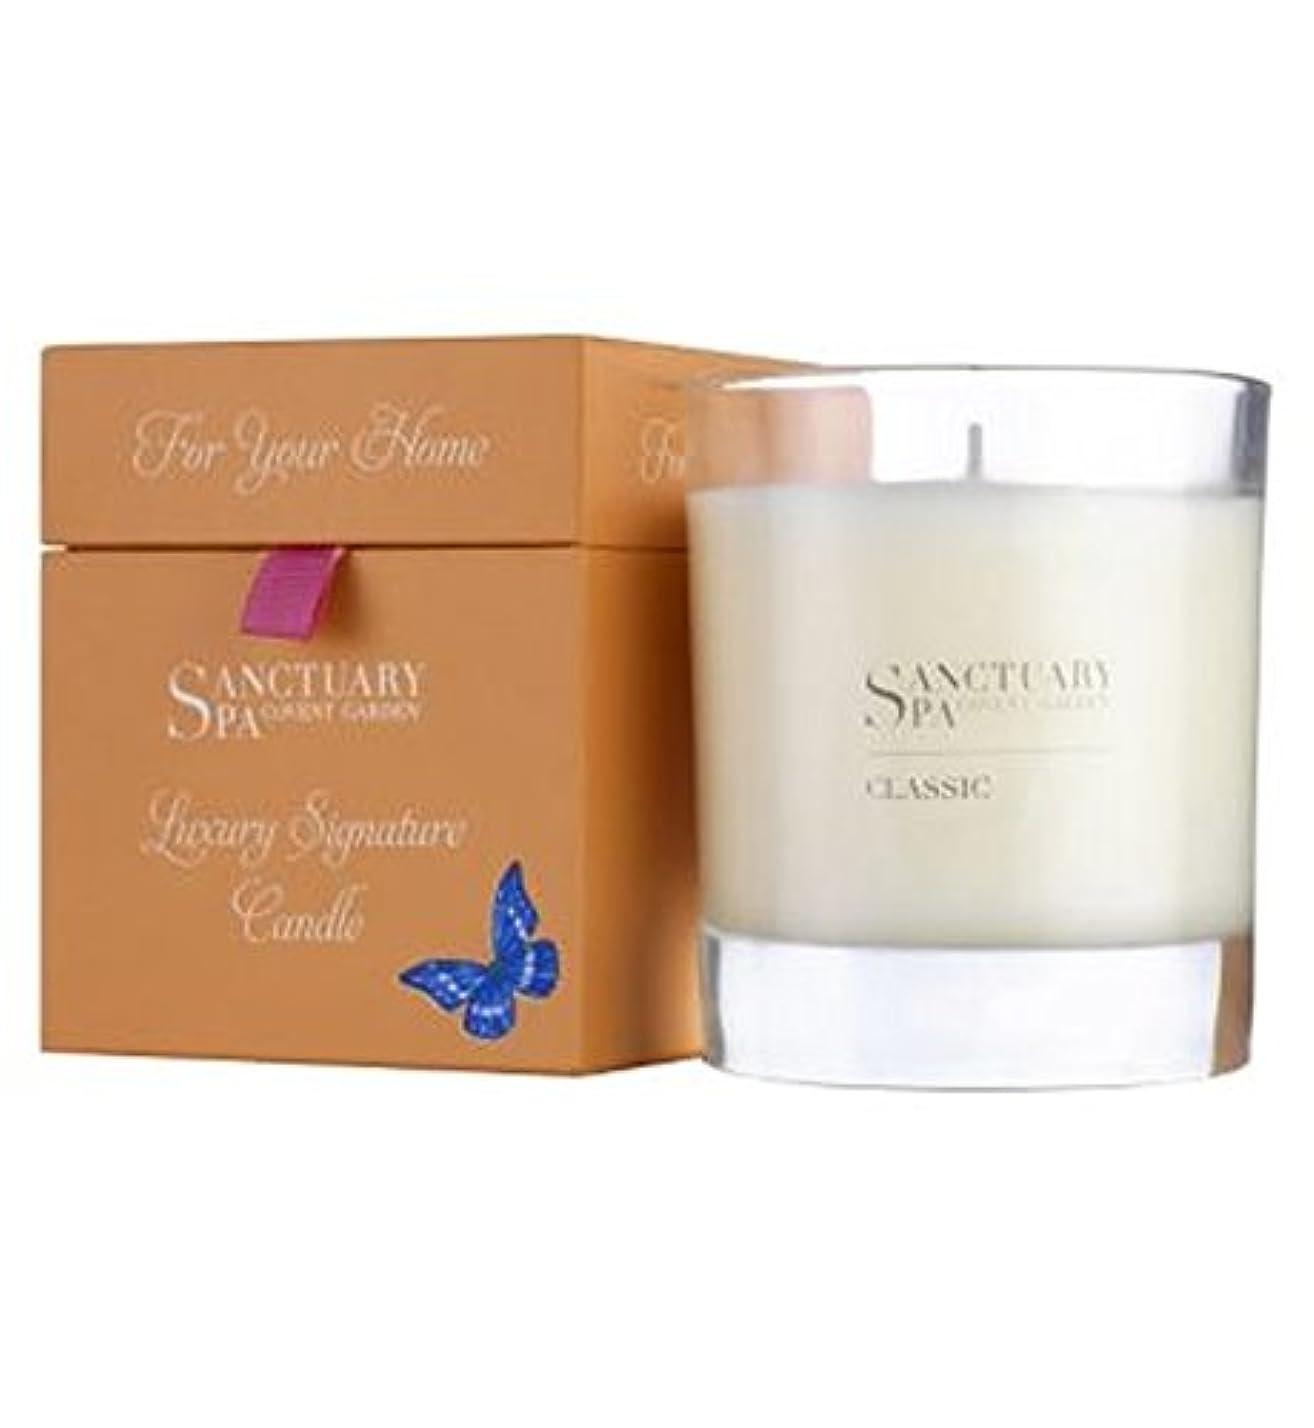 堤防運営メッセンジャー聖域のクラシックフレグランスキャンドル (Sanctuary) (x2) - Sanctuary Classic Fragranced Candle (Pack of 2) [並行輸入品]